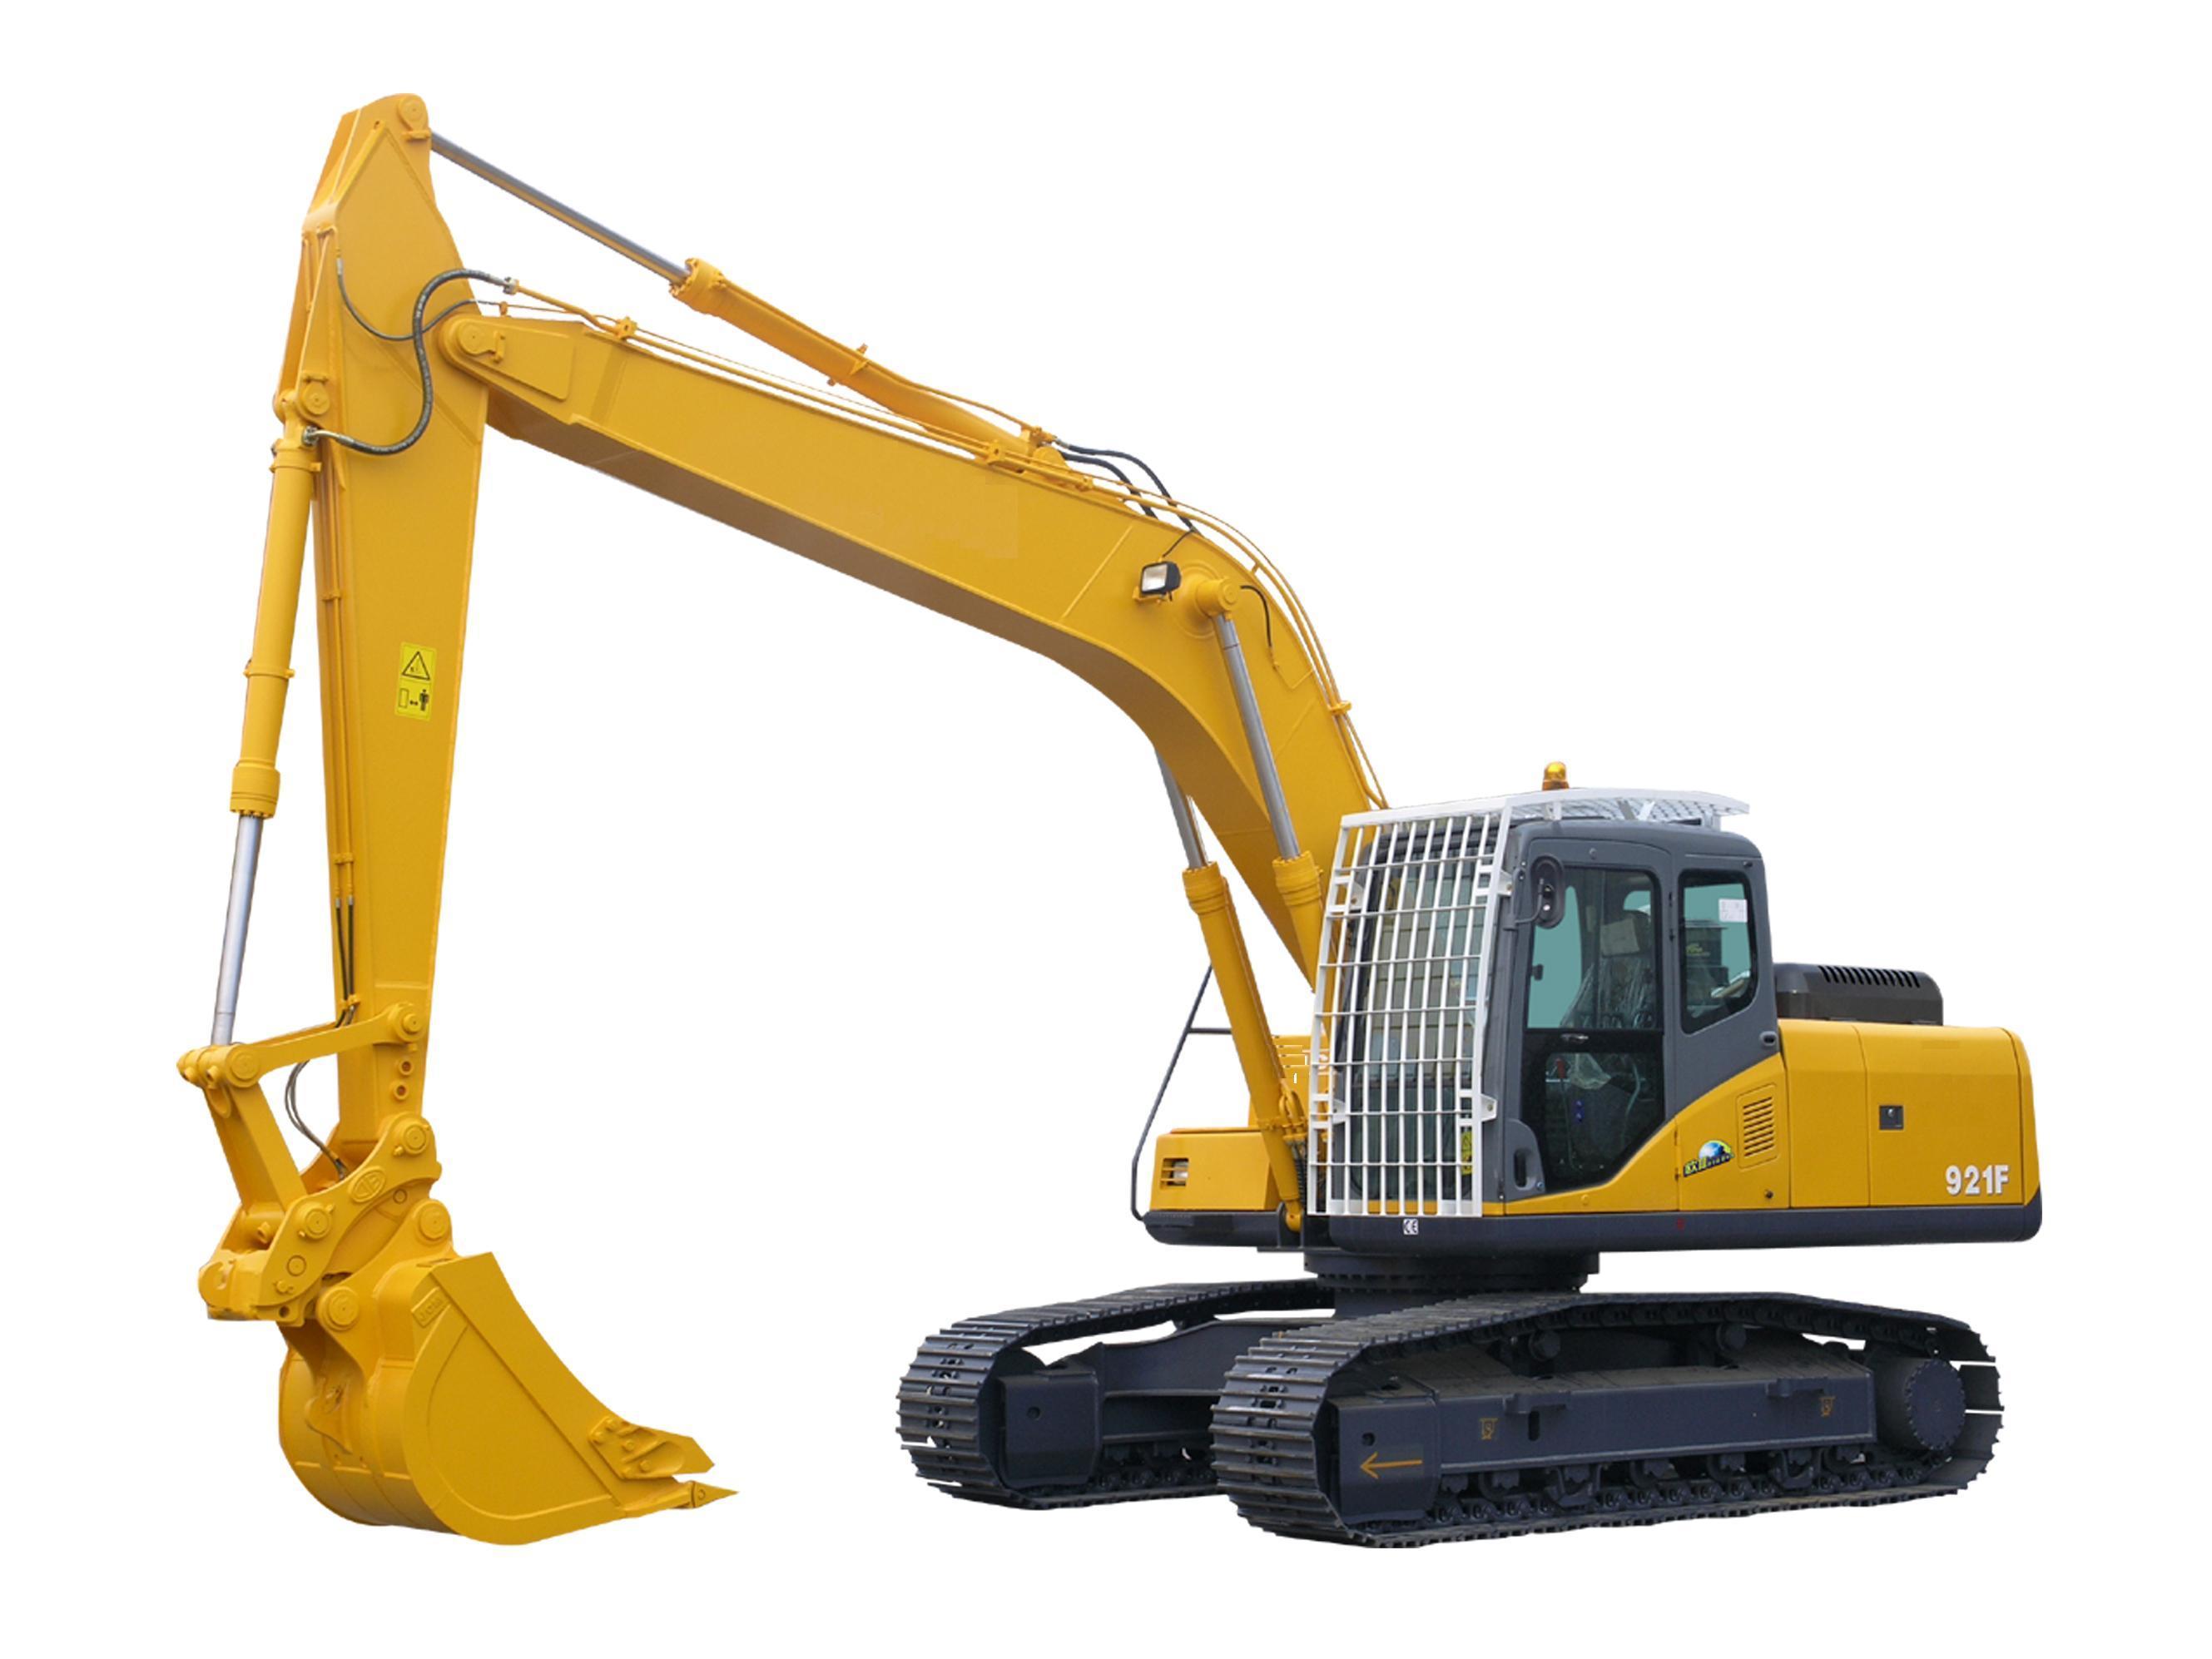 China Hydraulic Crawler Excavator Bg921f China